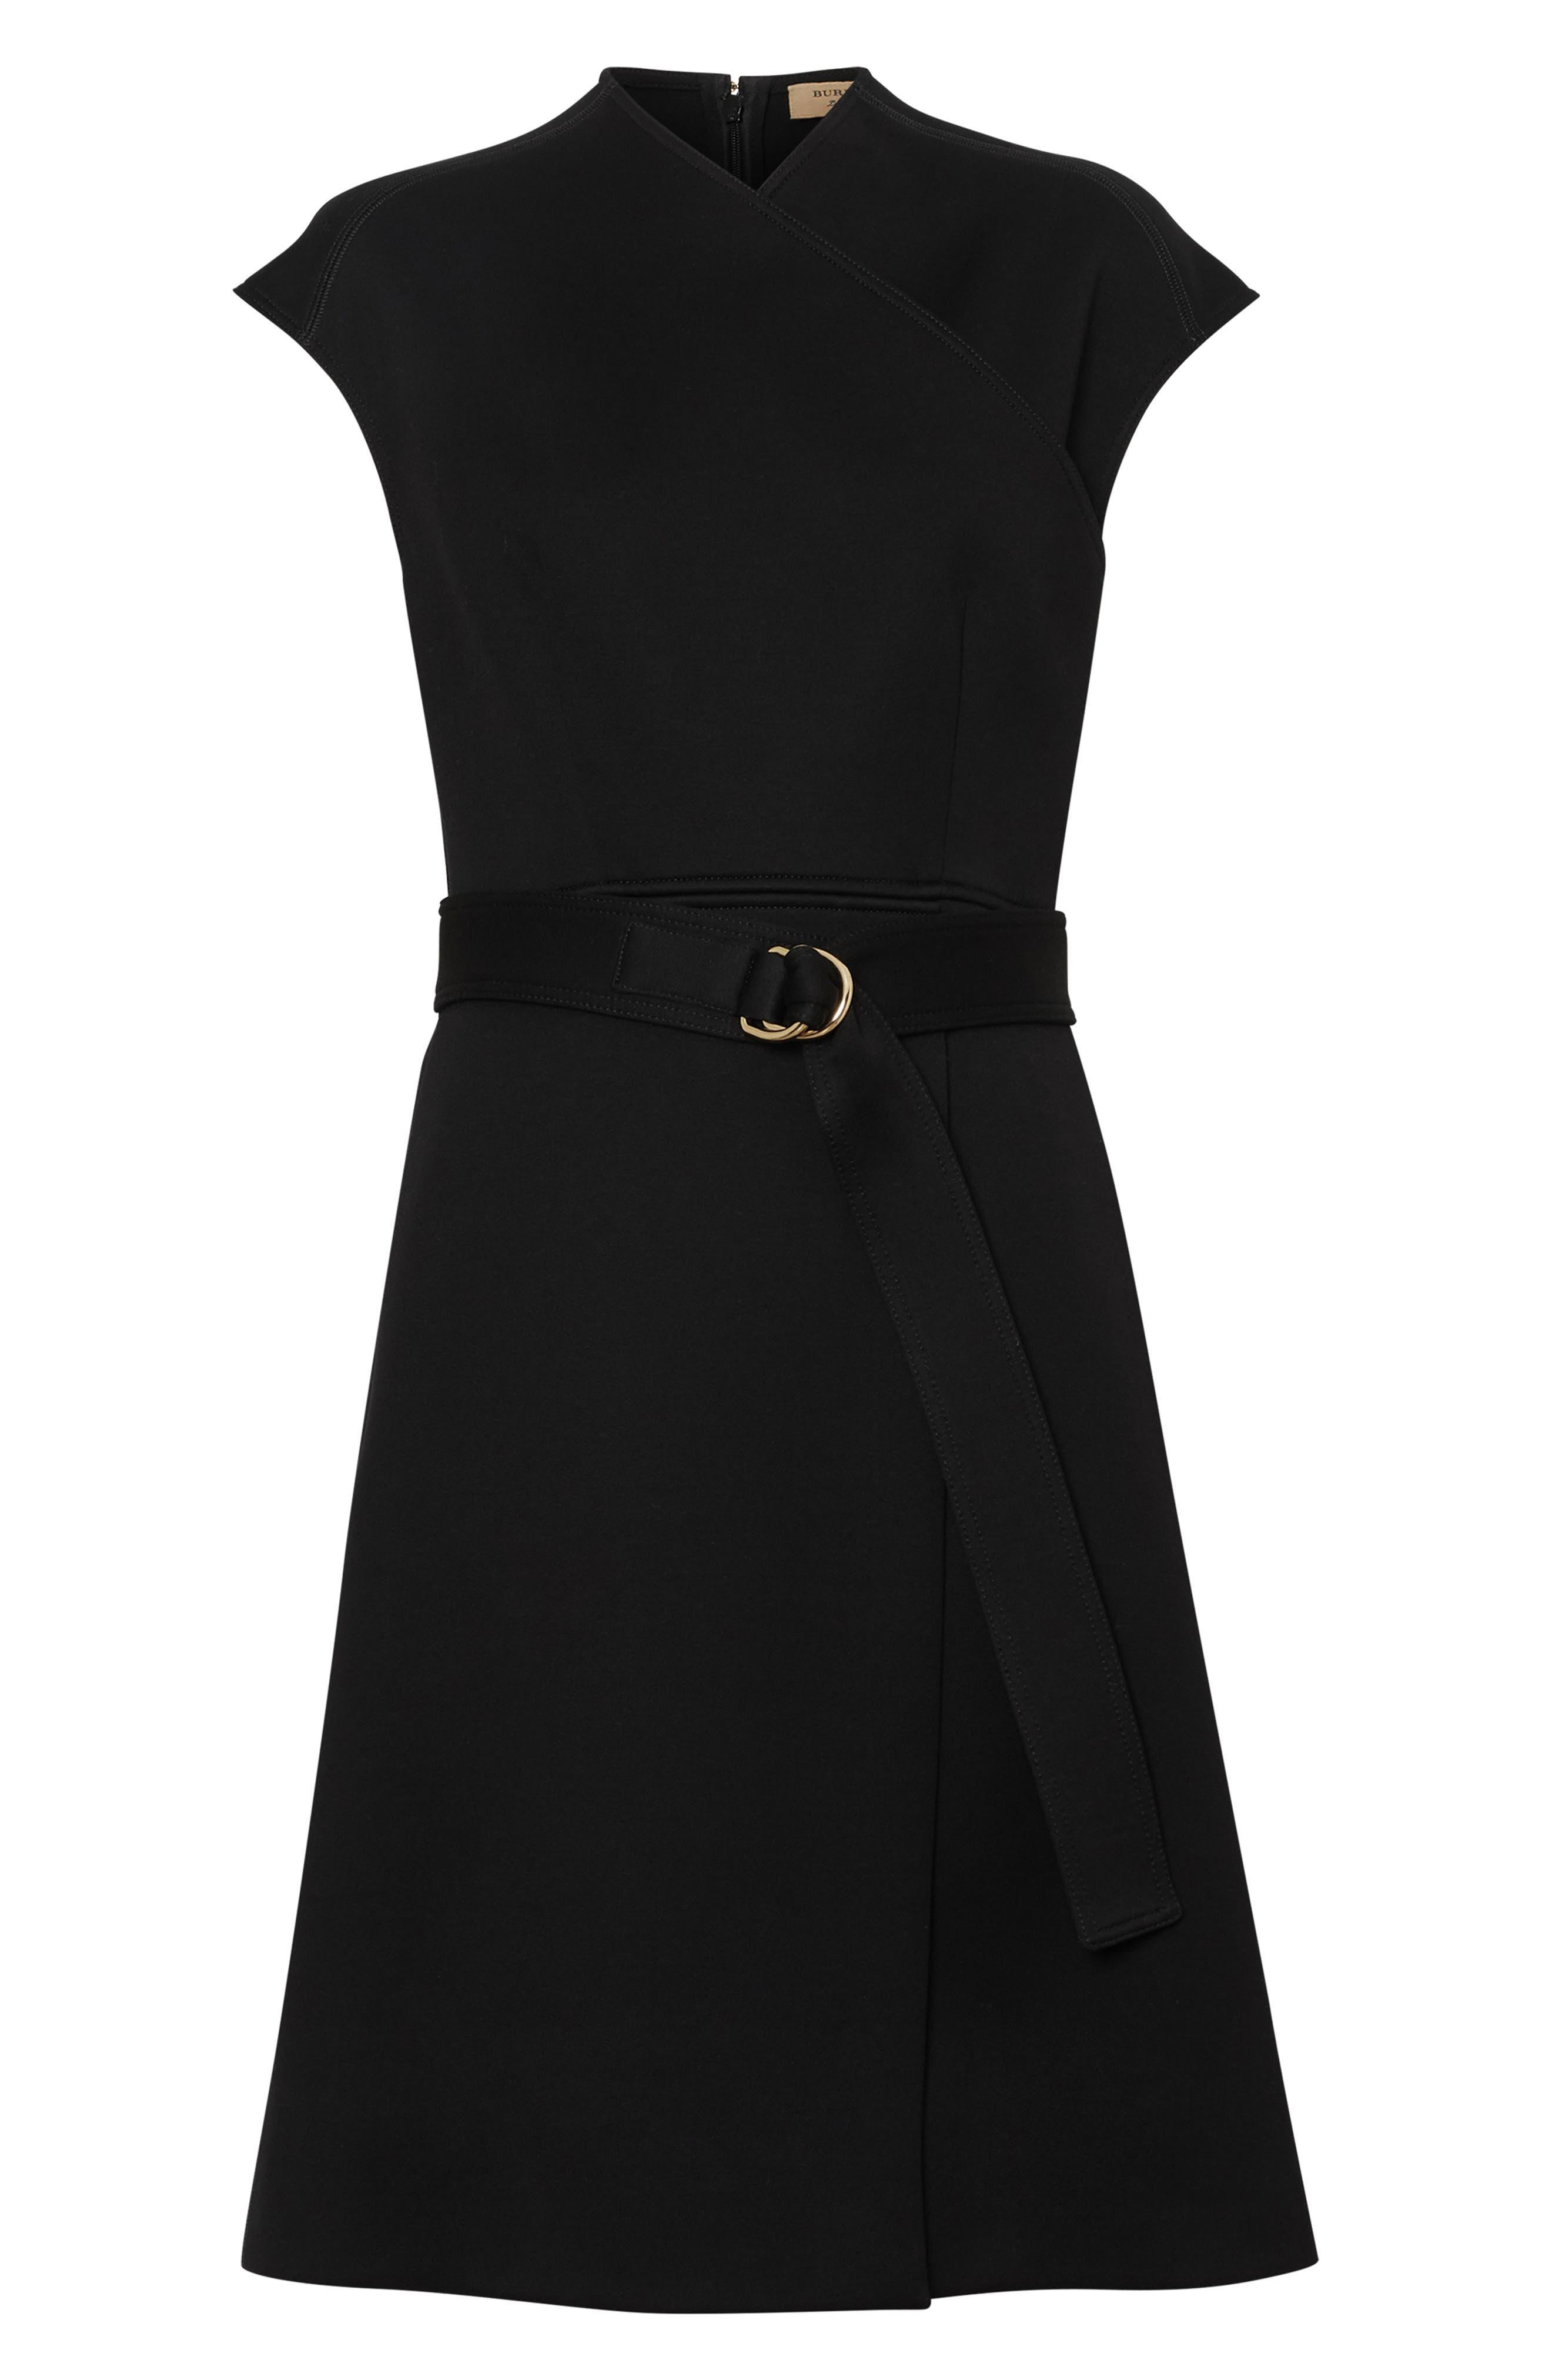 Dulsie D-Ring Detail Bonded Jersey Dress,                             Alternate thumbnail 4, color,                             BLACK